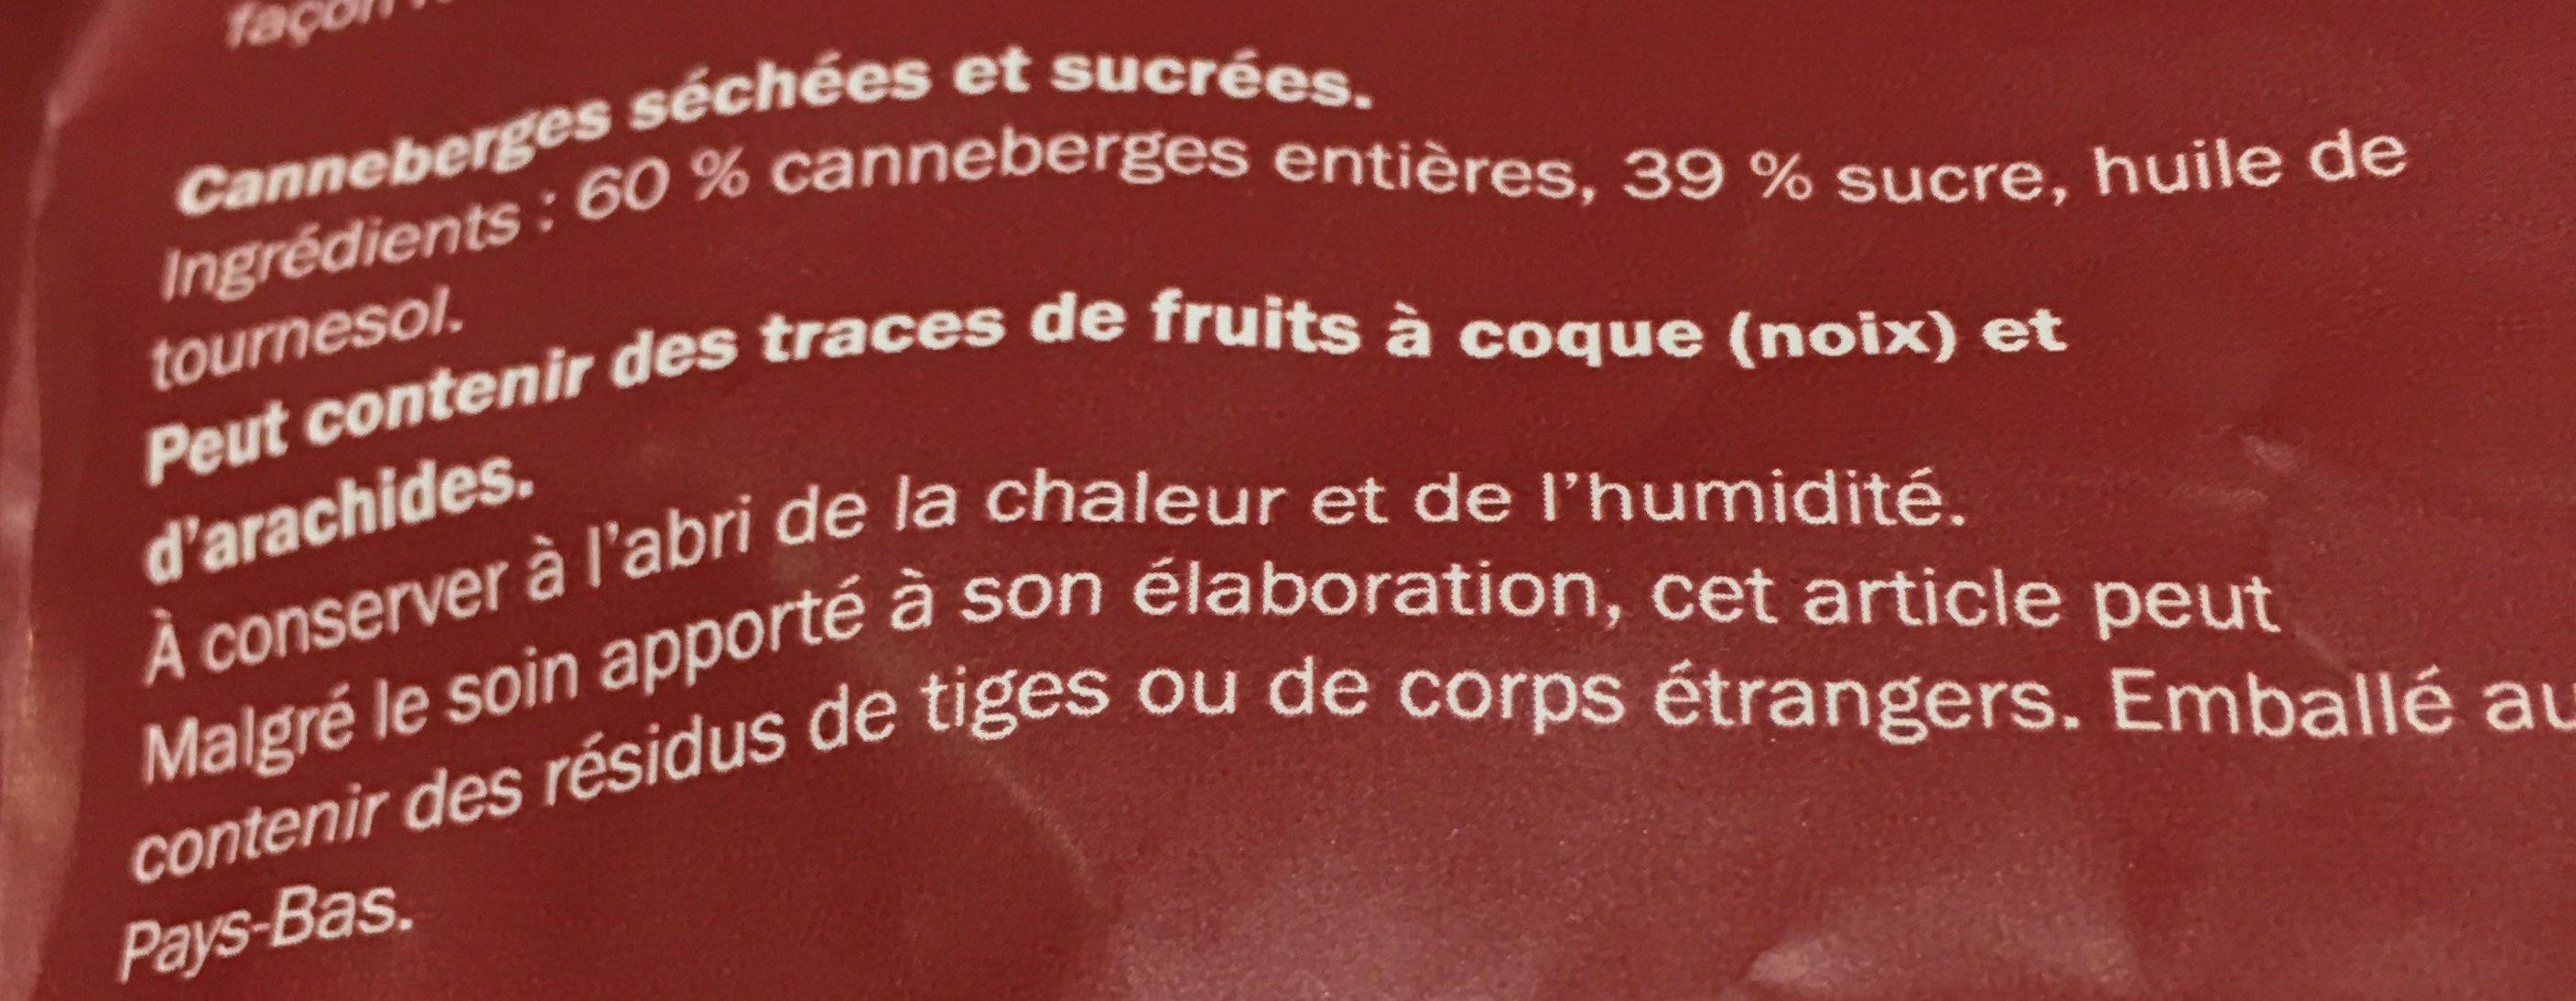 Cranberries séchées et sucrées - Ingredients - fr